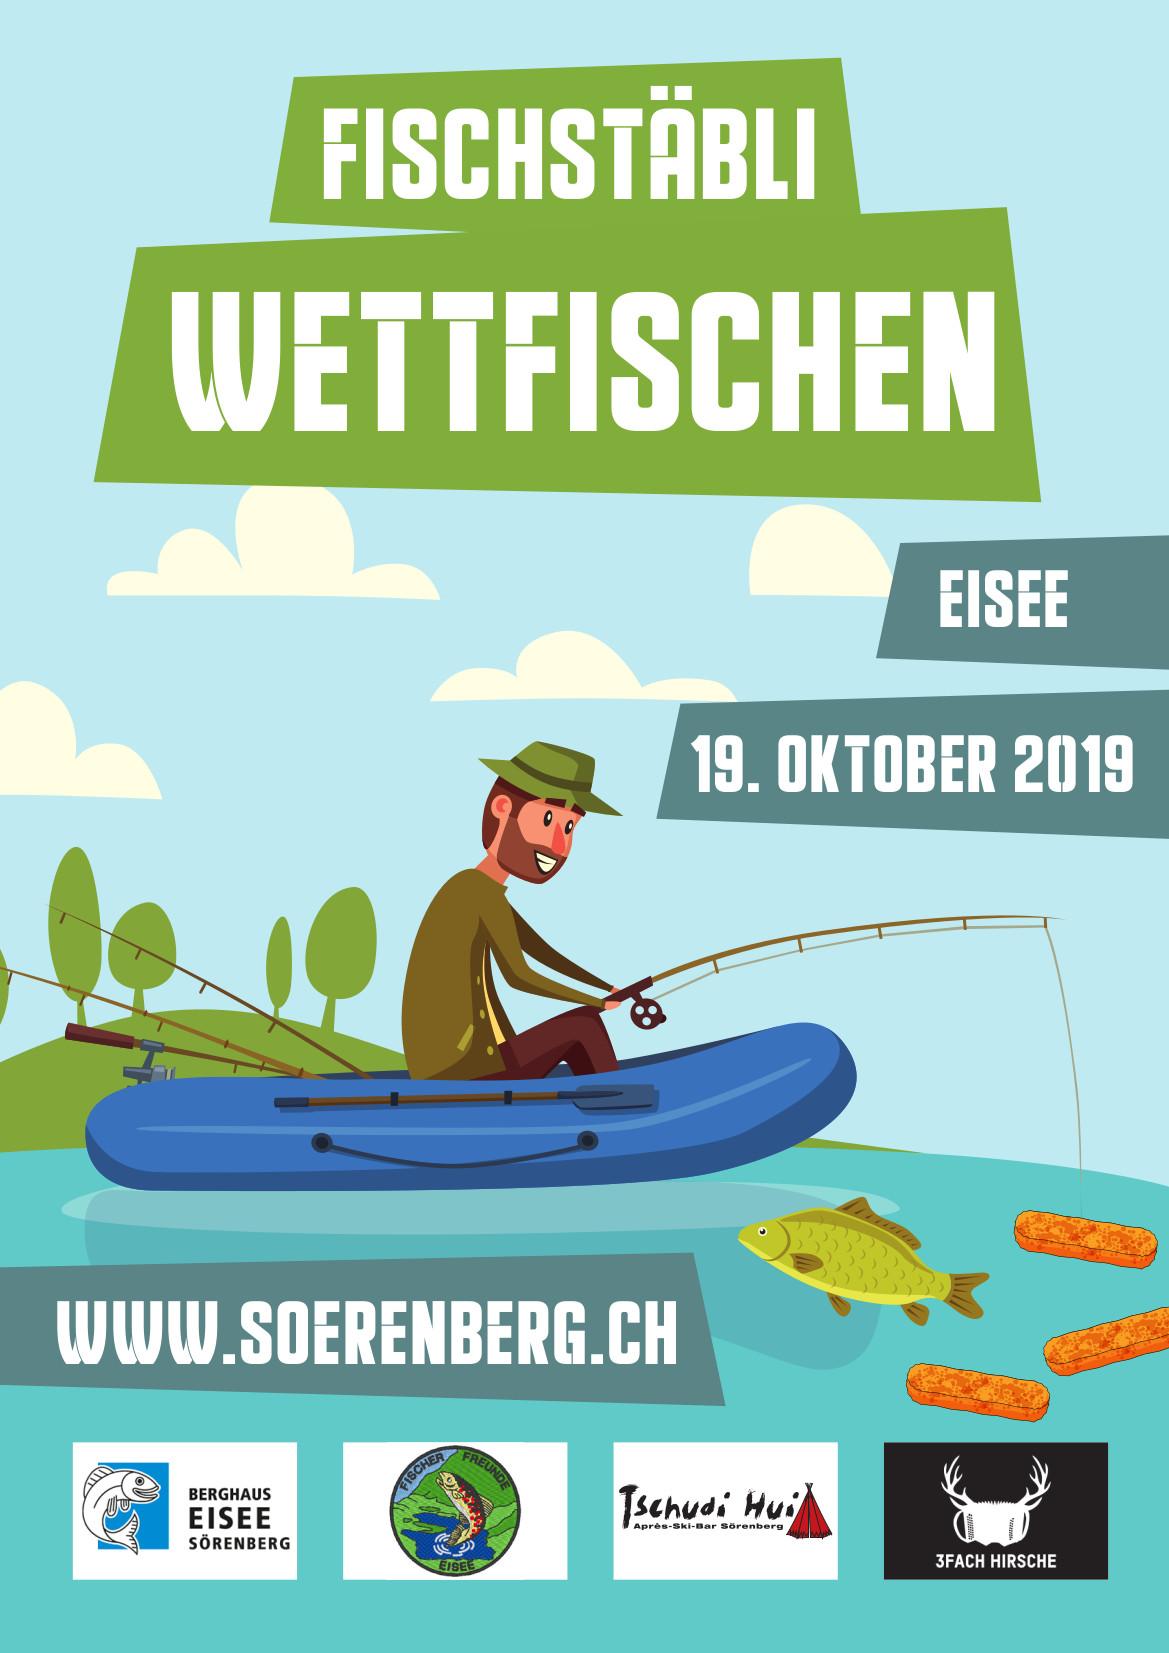 Fischstäbli-Wettfischen Eisee